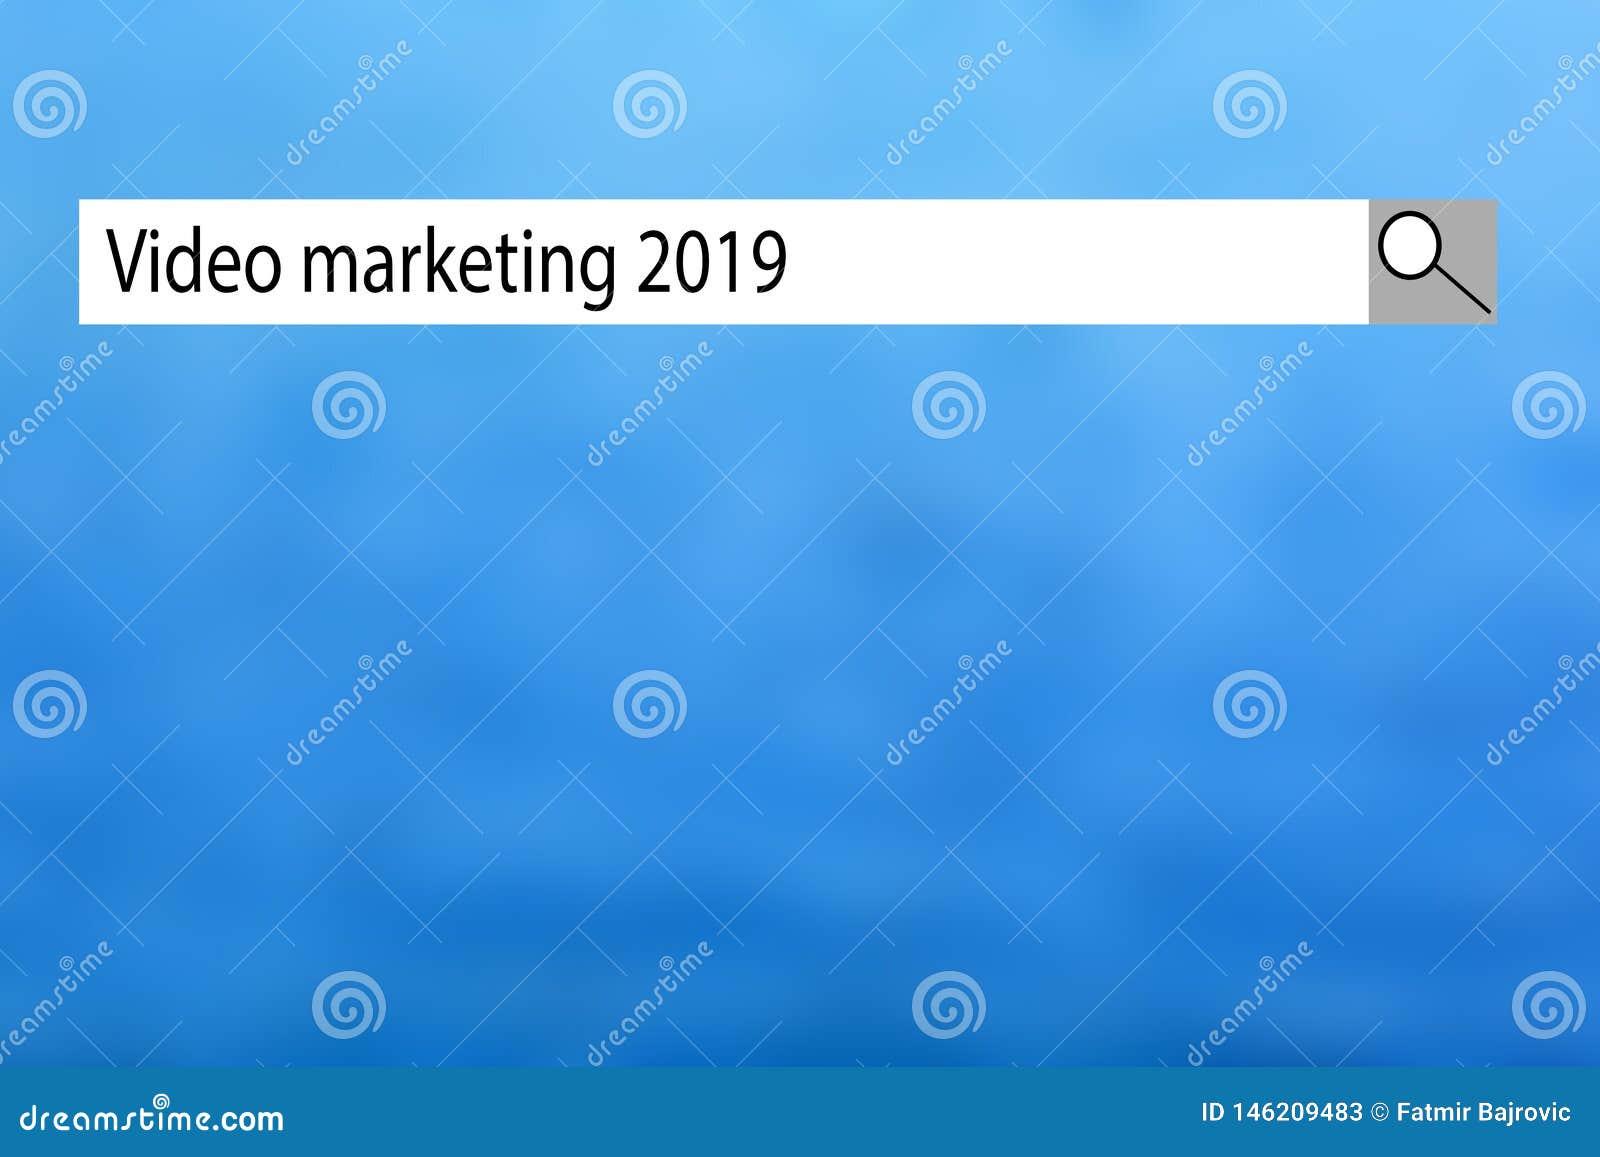 Tekstteken dat 'Video toont die 2019 'op de markt brengt Conceptuele fotolijst van dingen die zeer snel in dit jaar populair werd